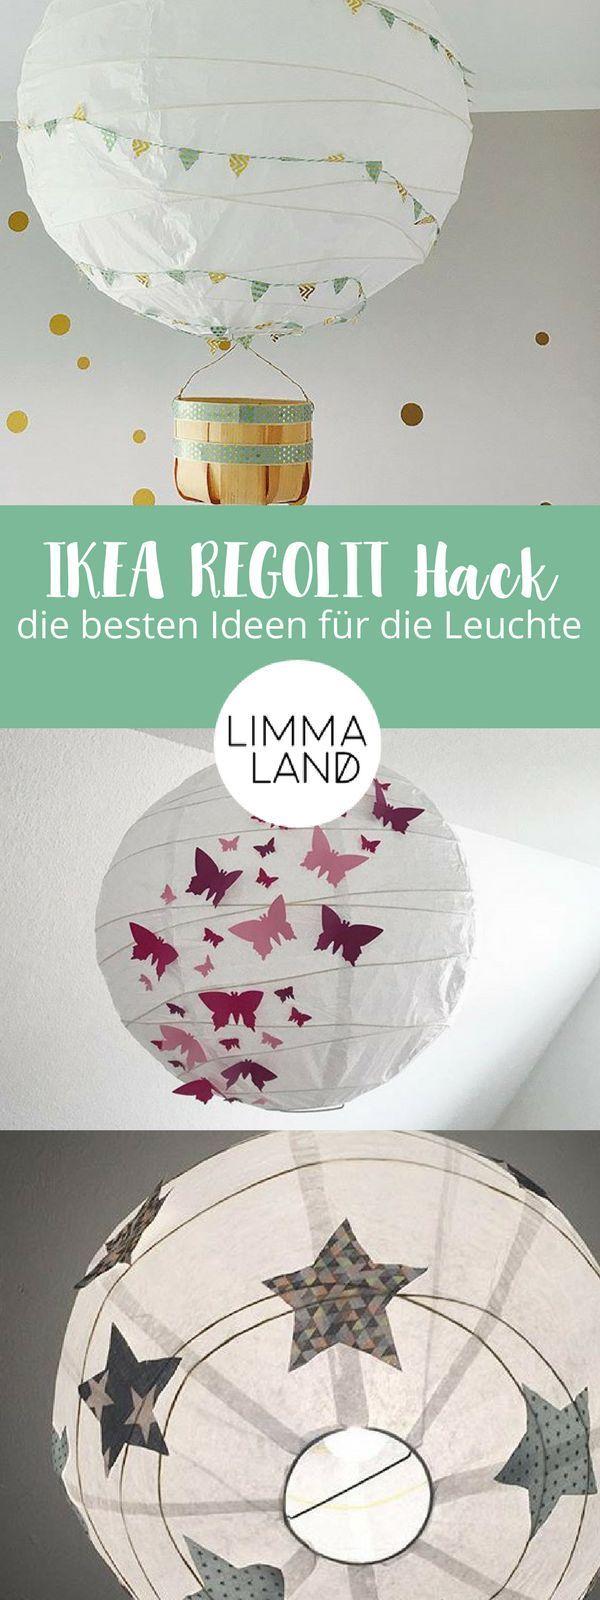 IKEA REGOLIT Hack - so schön kann die einfache Deckenleuchte sein #ikeakinderzimmer